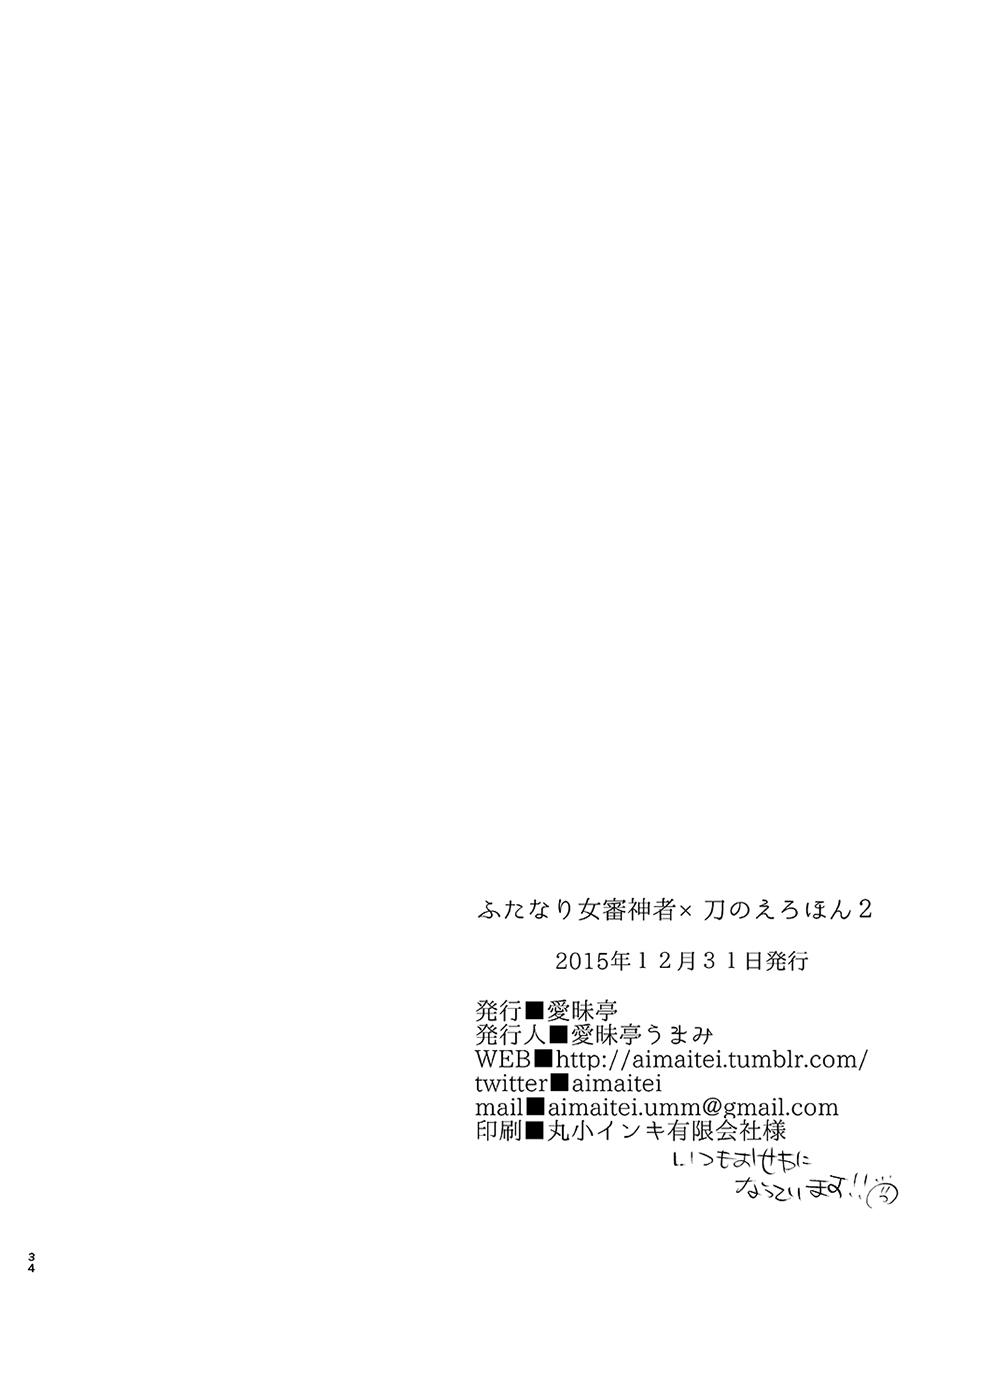 Futanari Onna Saniwa x Katana no Ero Hon 2 page 34